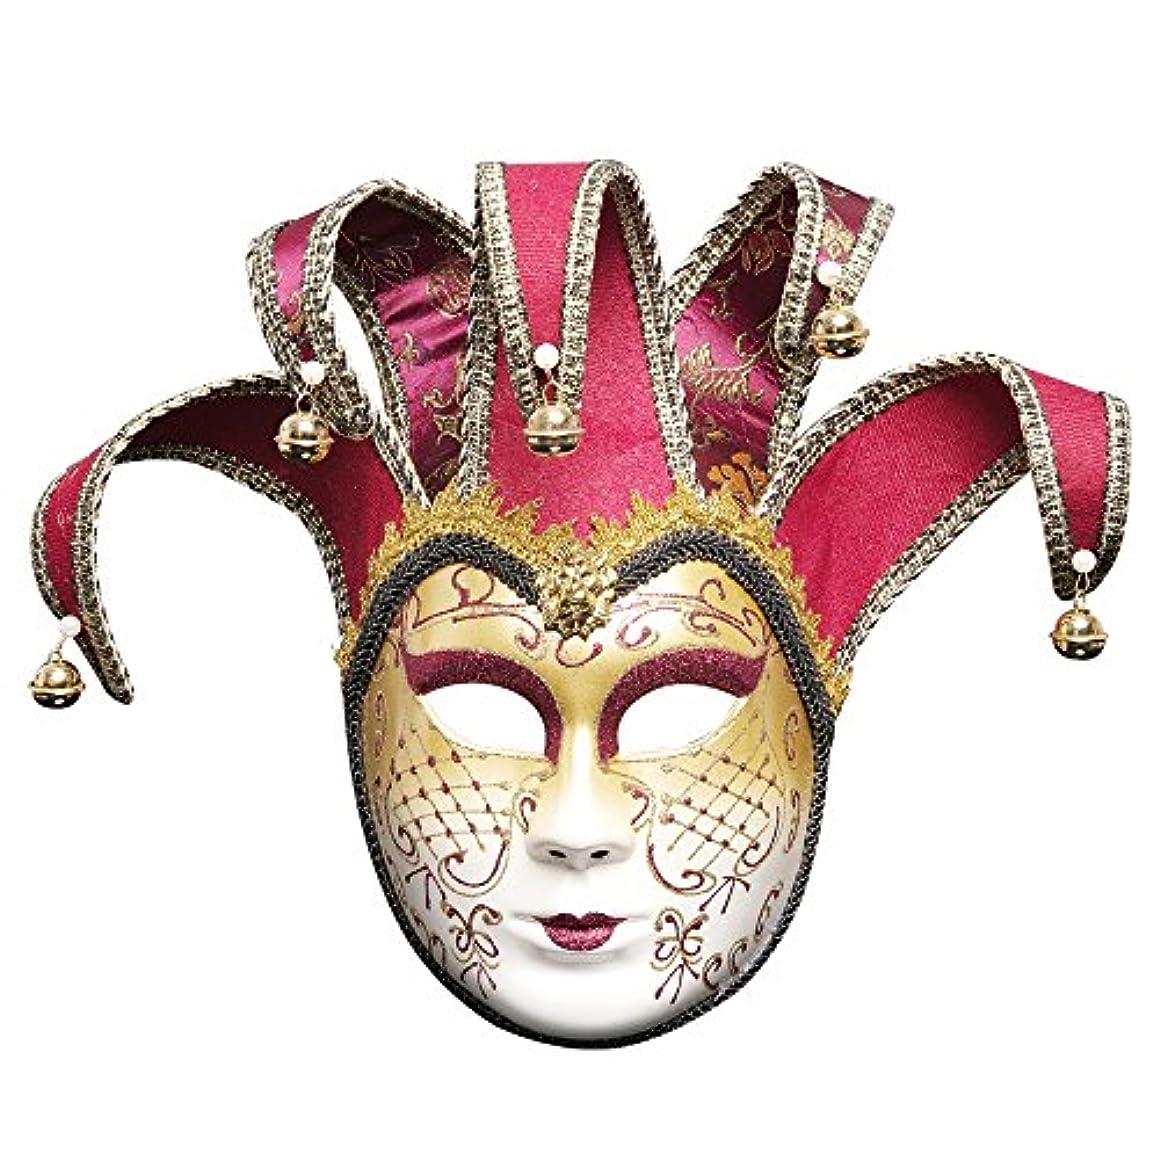 主婦通訳無条件ハロウィンボールパーティーマスククリスマスクリエイティブ新しいフルフェイスメイクアップマスク (Color : B)